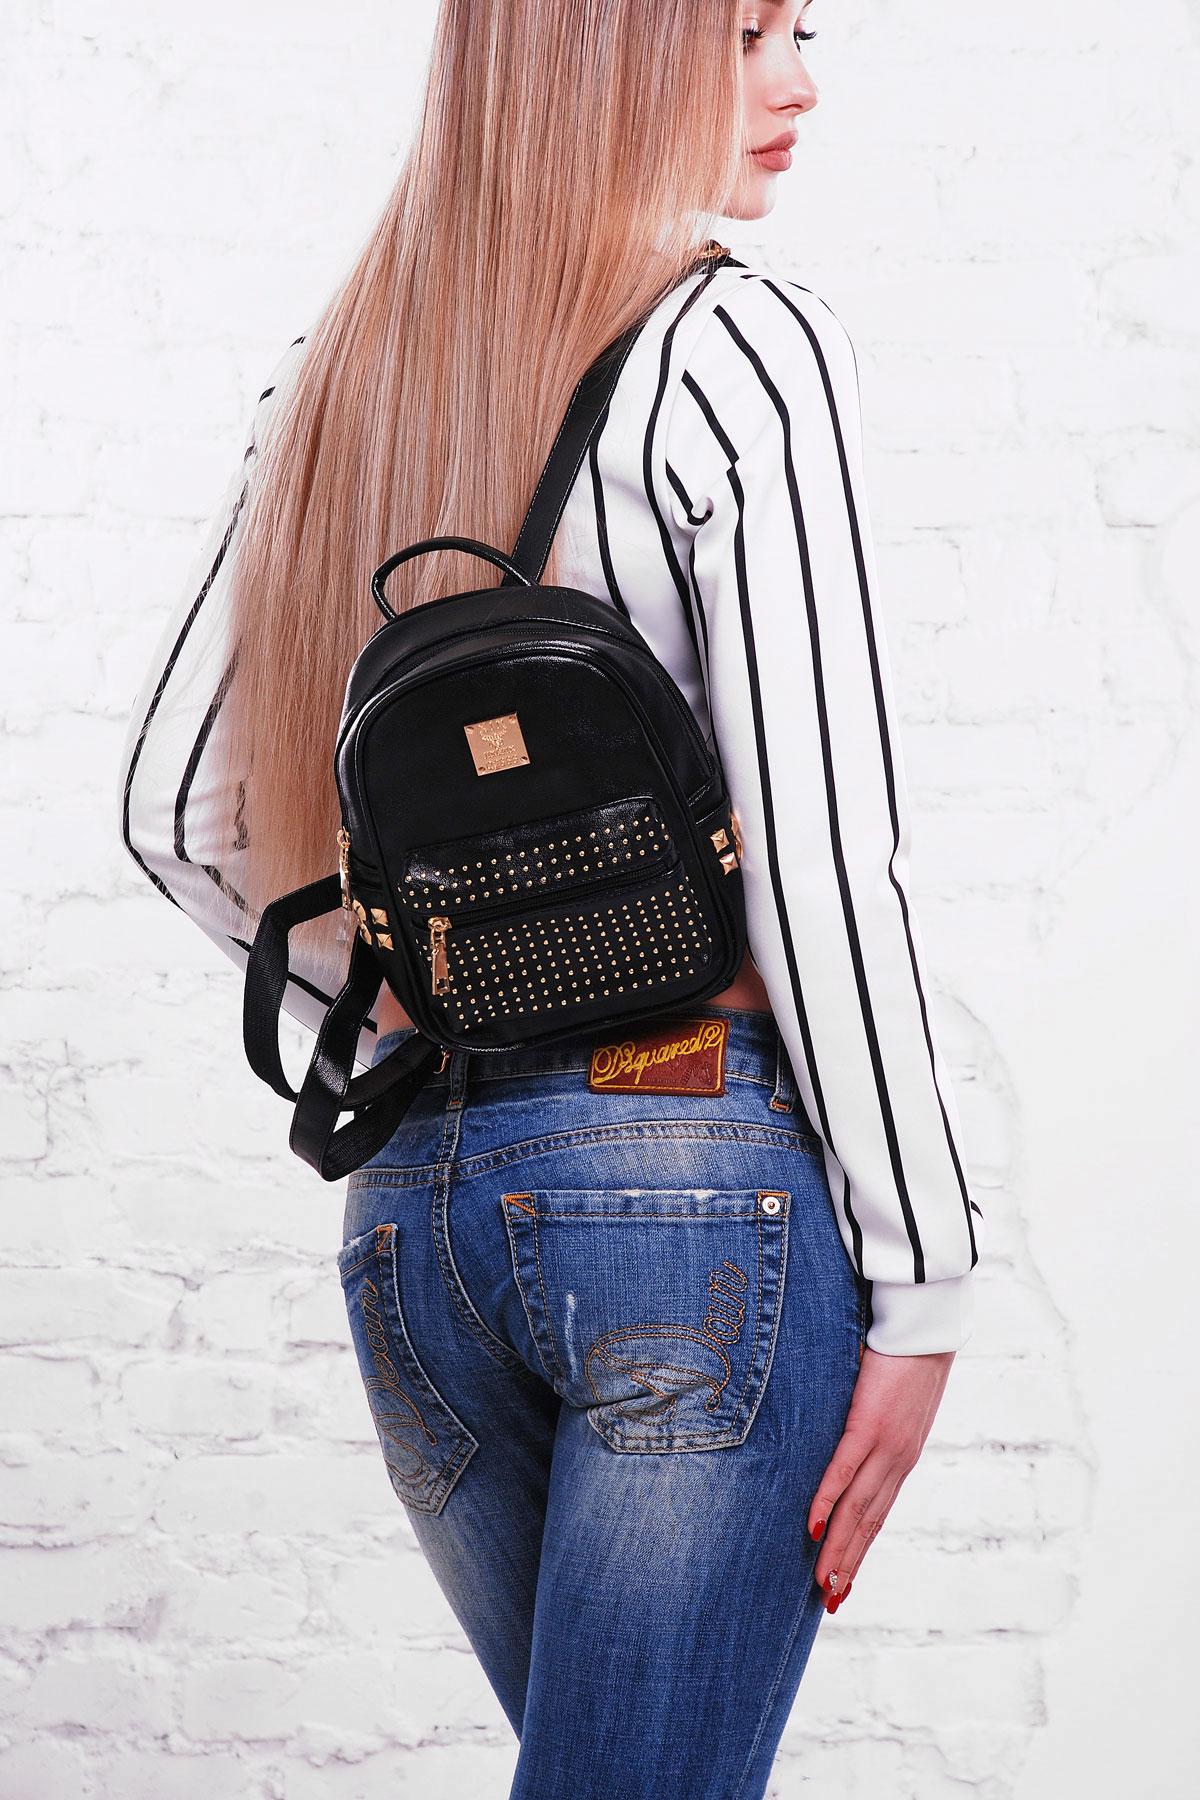 39d3b5a5d575 Цвет: черный купить · небольшой рюкзак жемчужного цвета. Рюкзак 610. Цвет:  черный цена